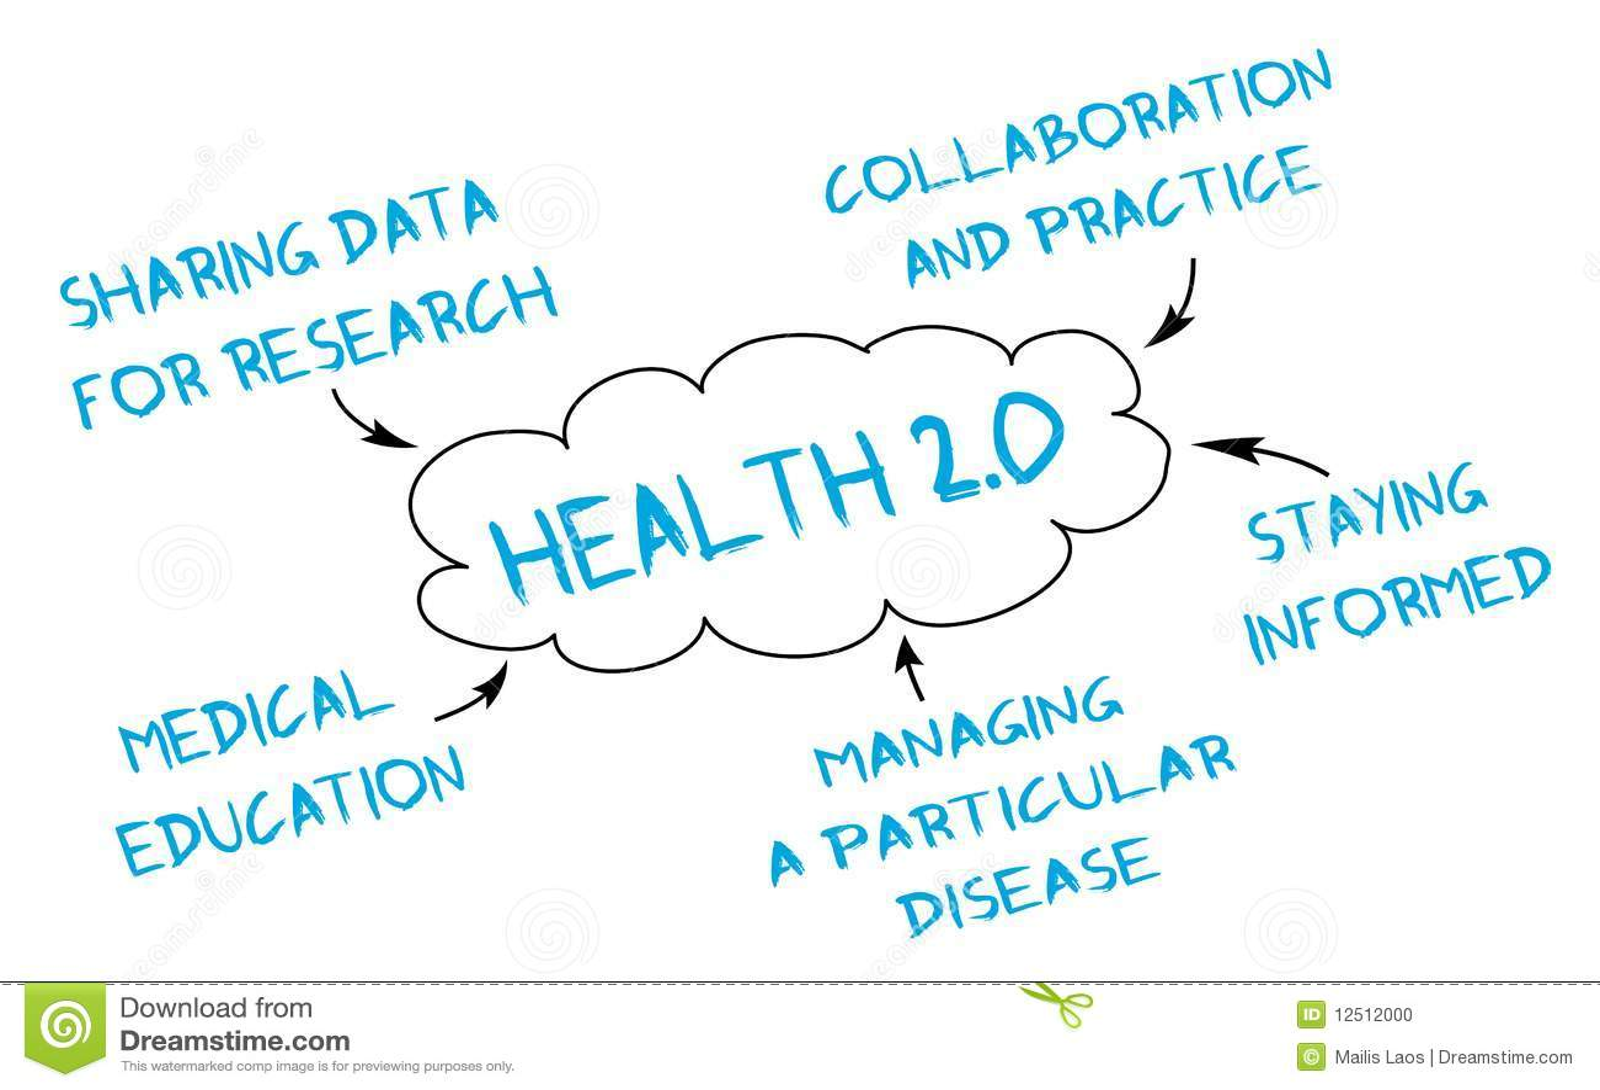 Medical mind map: Health 2.0